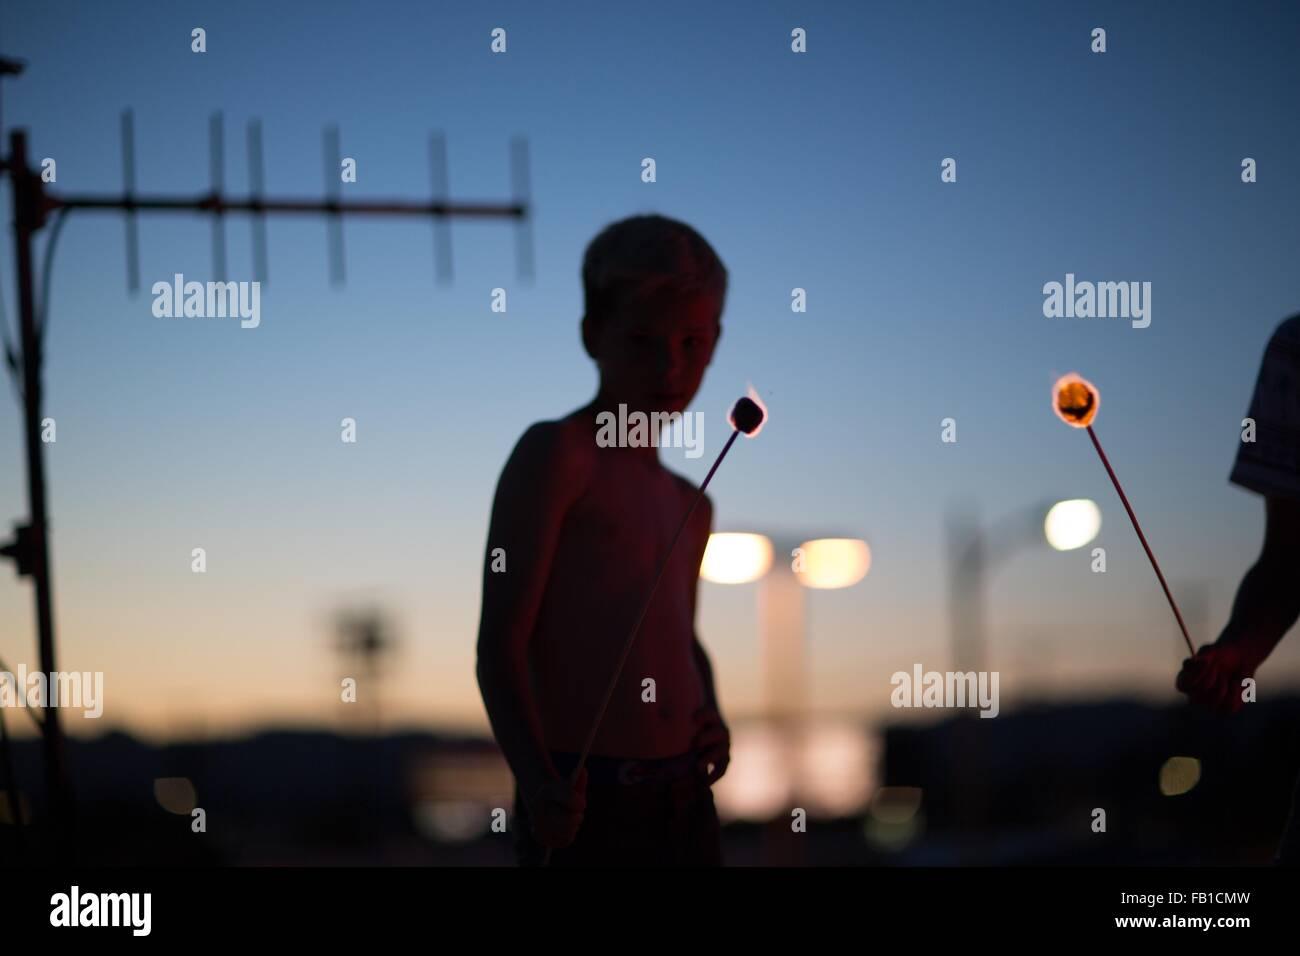 Silhouette der jungen im Teenageralter holding schwelenden Marshmallows auf sticks Stockbild